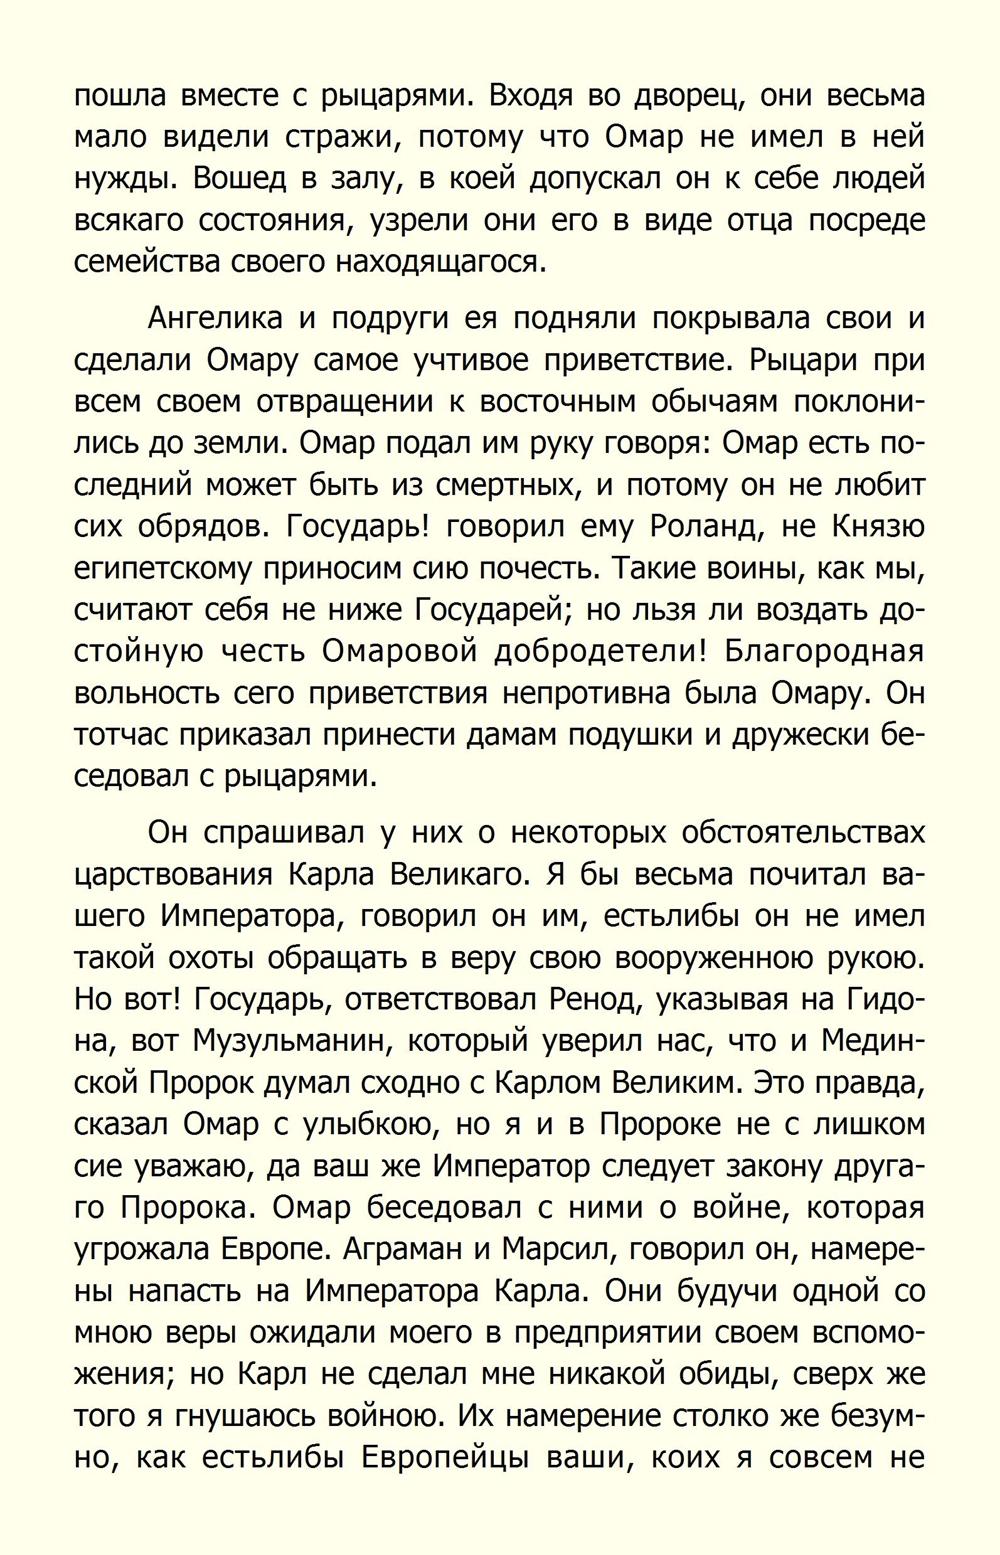 http://ipic.su/img/img7/fs/Poizmyatayaroza_057.1584704309.jpg